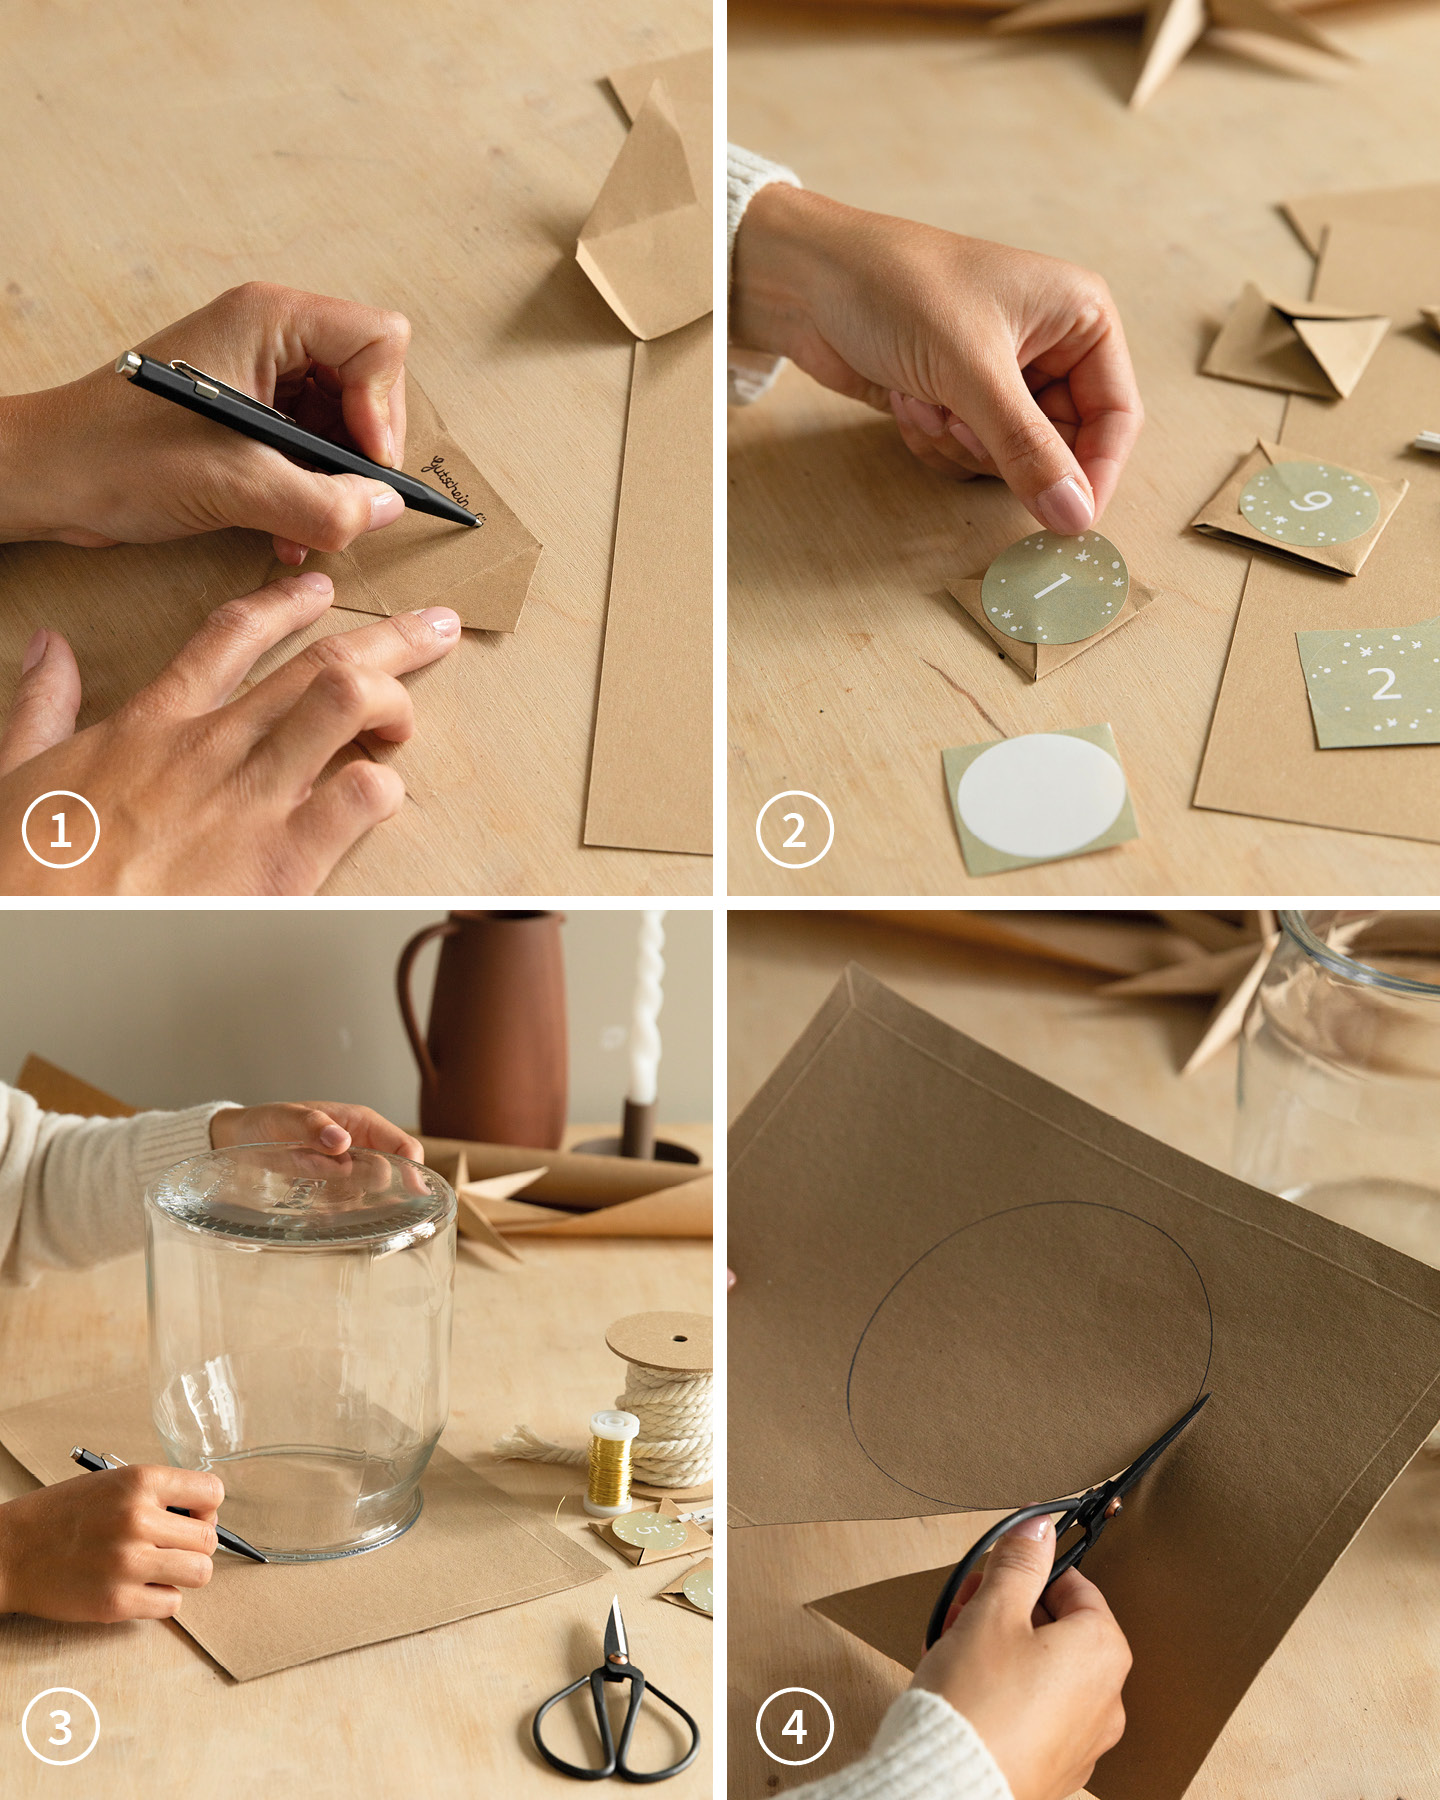 Aus Papier werden kleine Vierecke für einen selbst gemachten Adventskalender geschnitten.